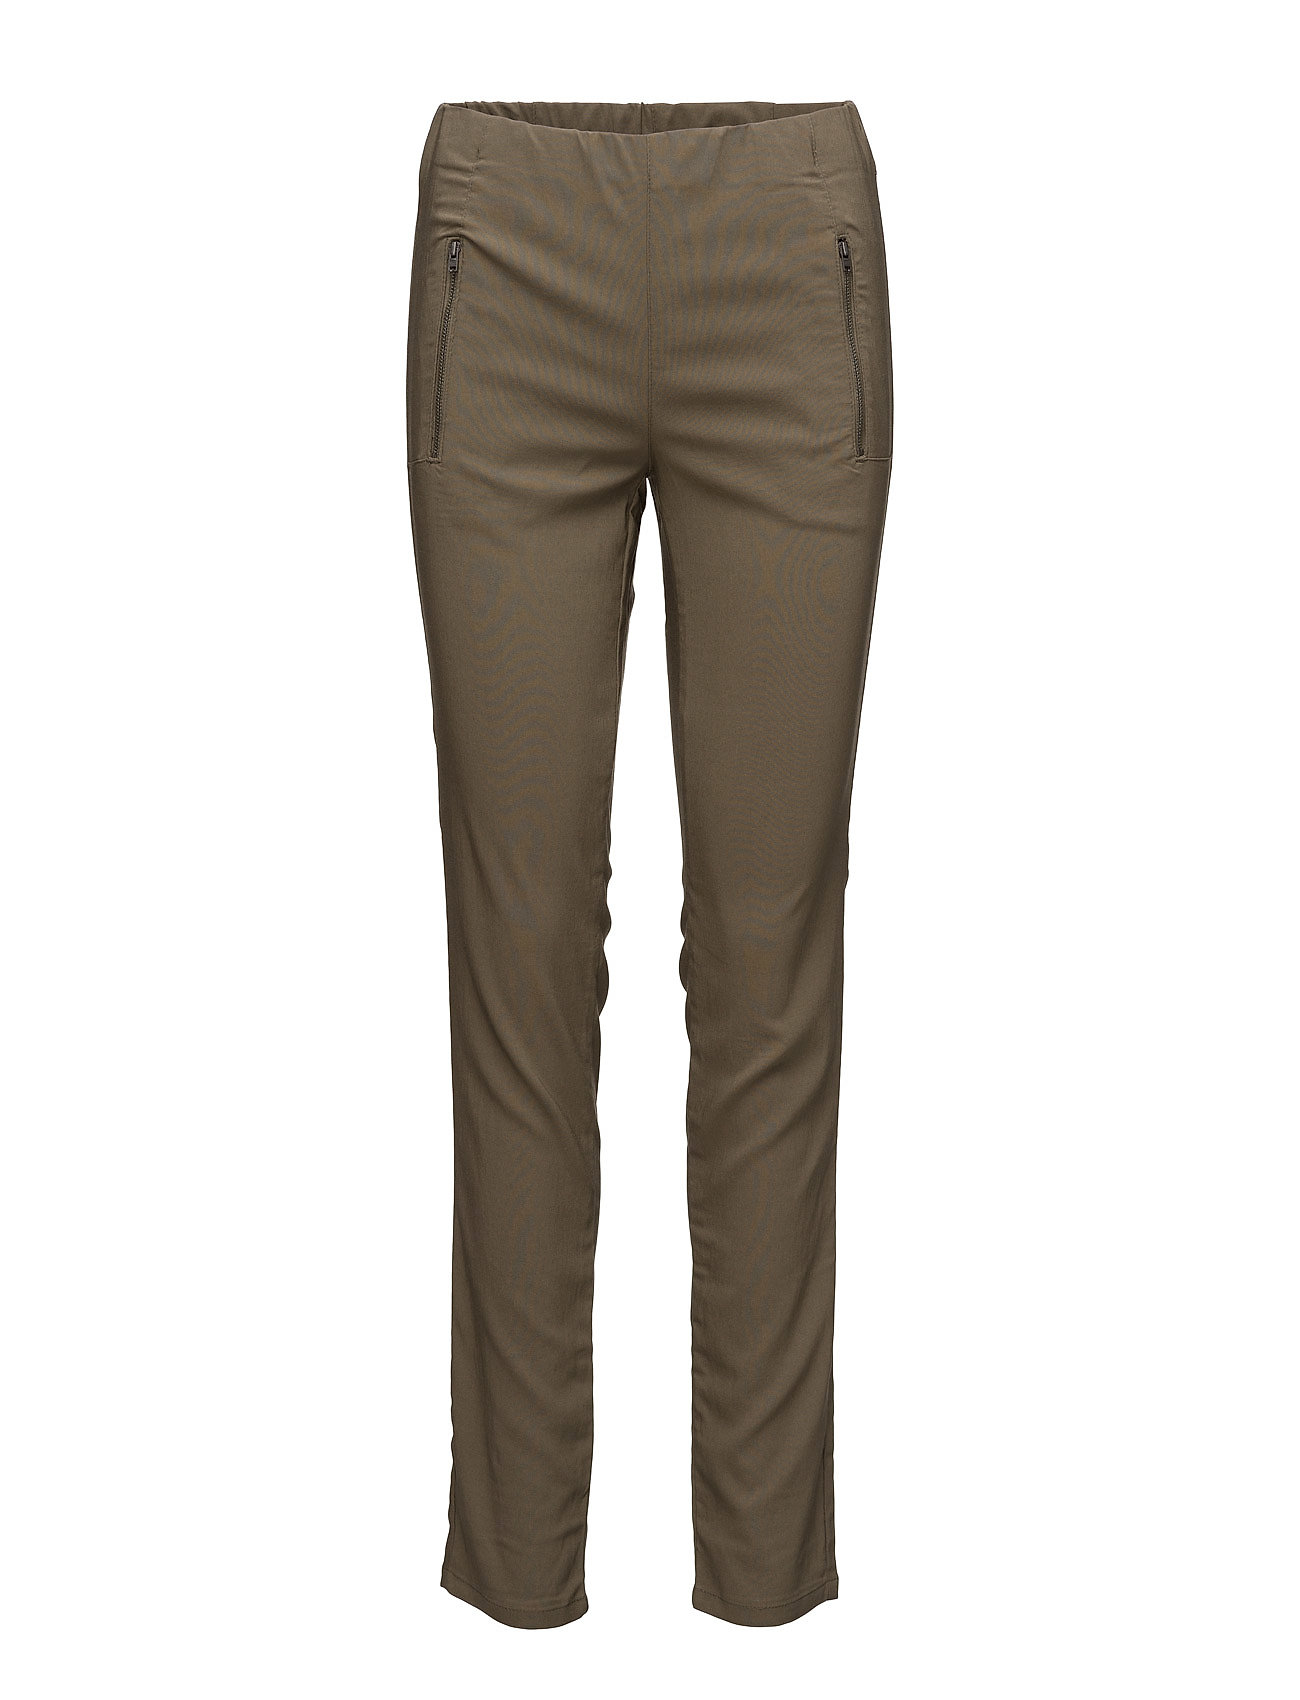 Pearl Trousers Ew Basic Masai Bukser til Kvinder i Oliven